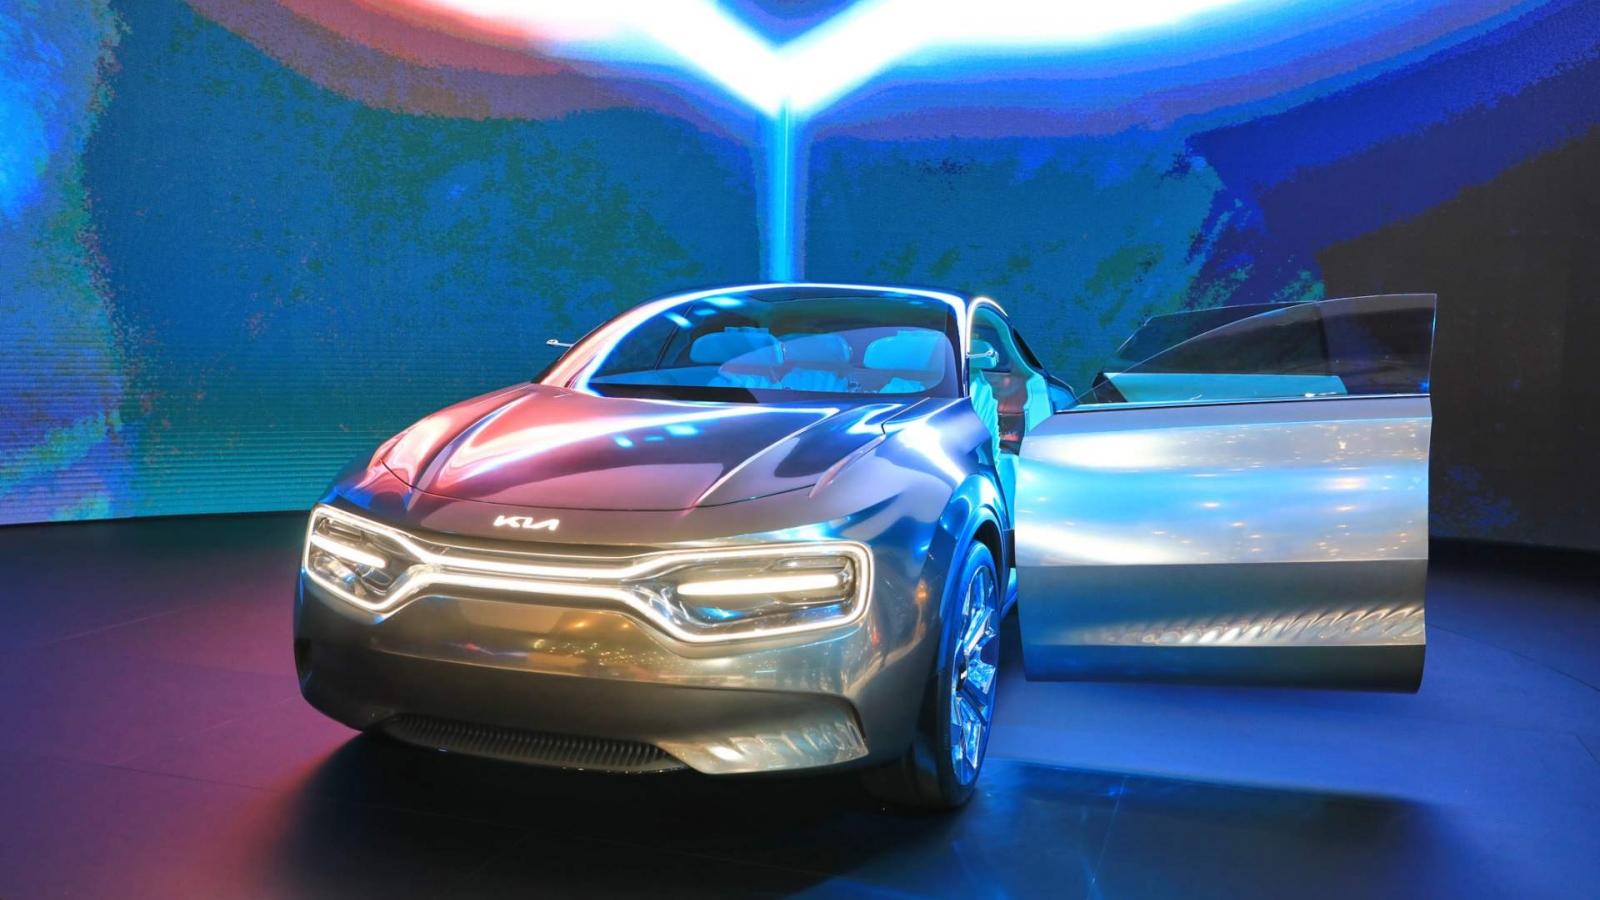 Kia chính thức đăng ký logo và slogan mới để nâng tầm thương hiệu